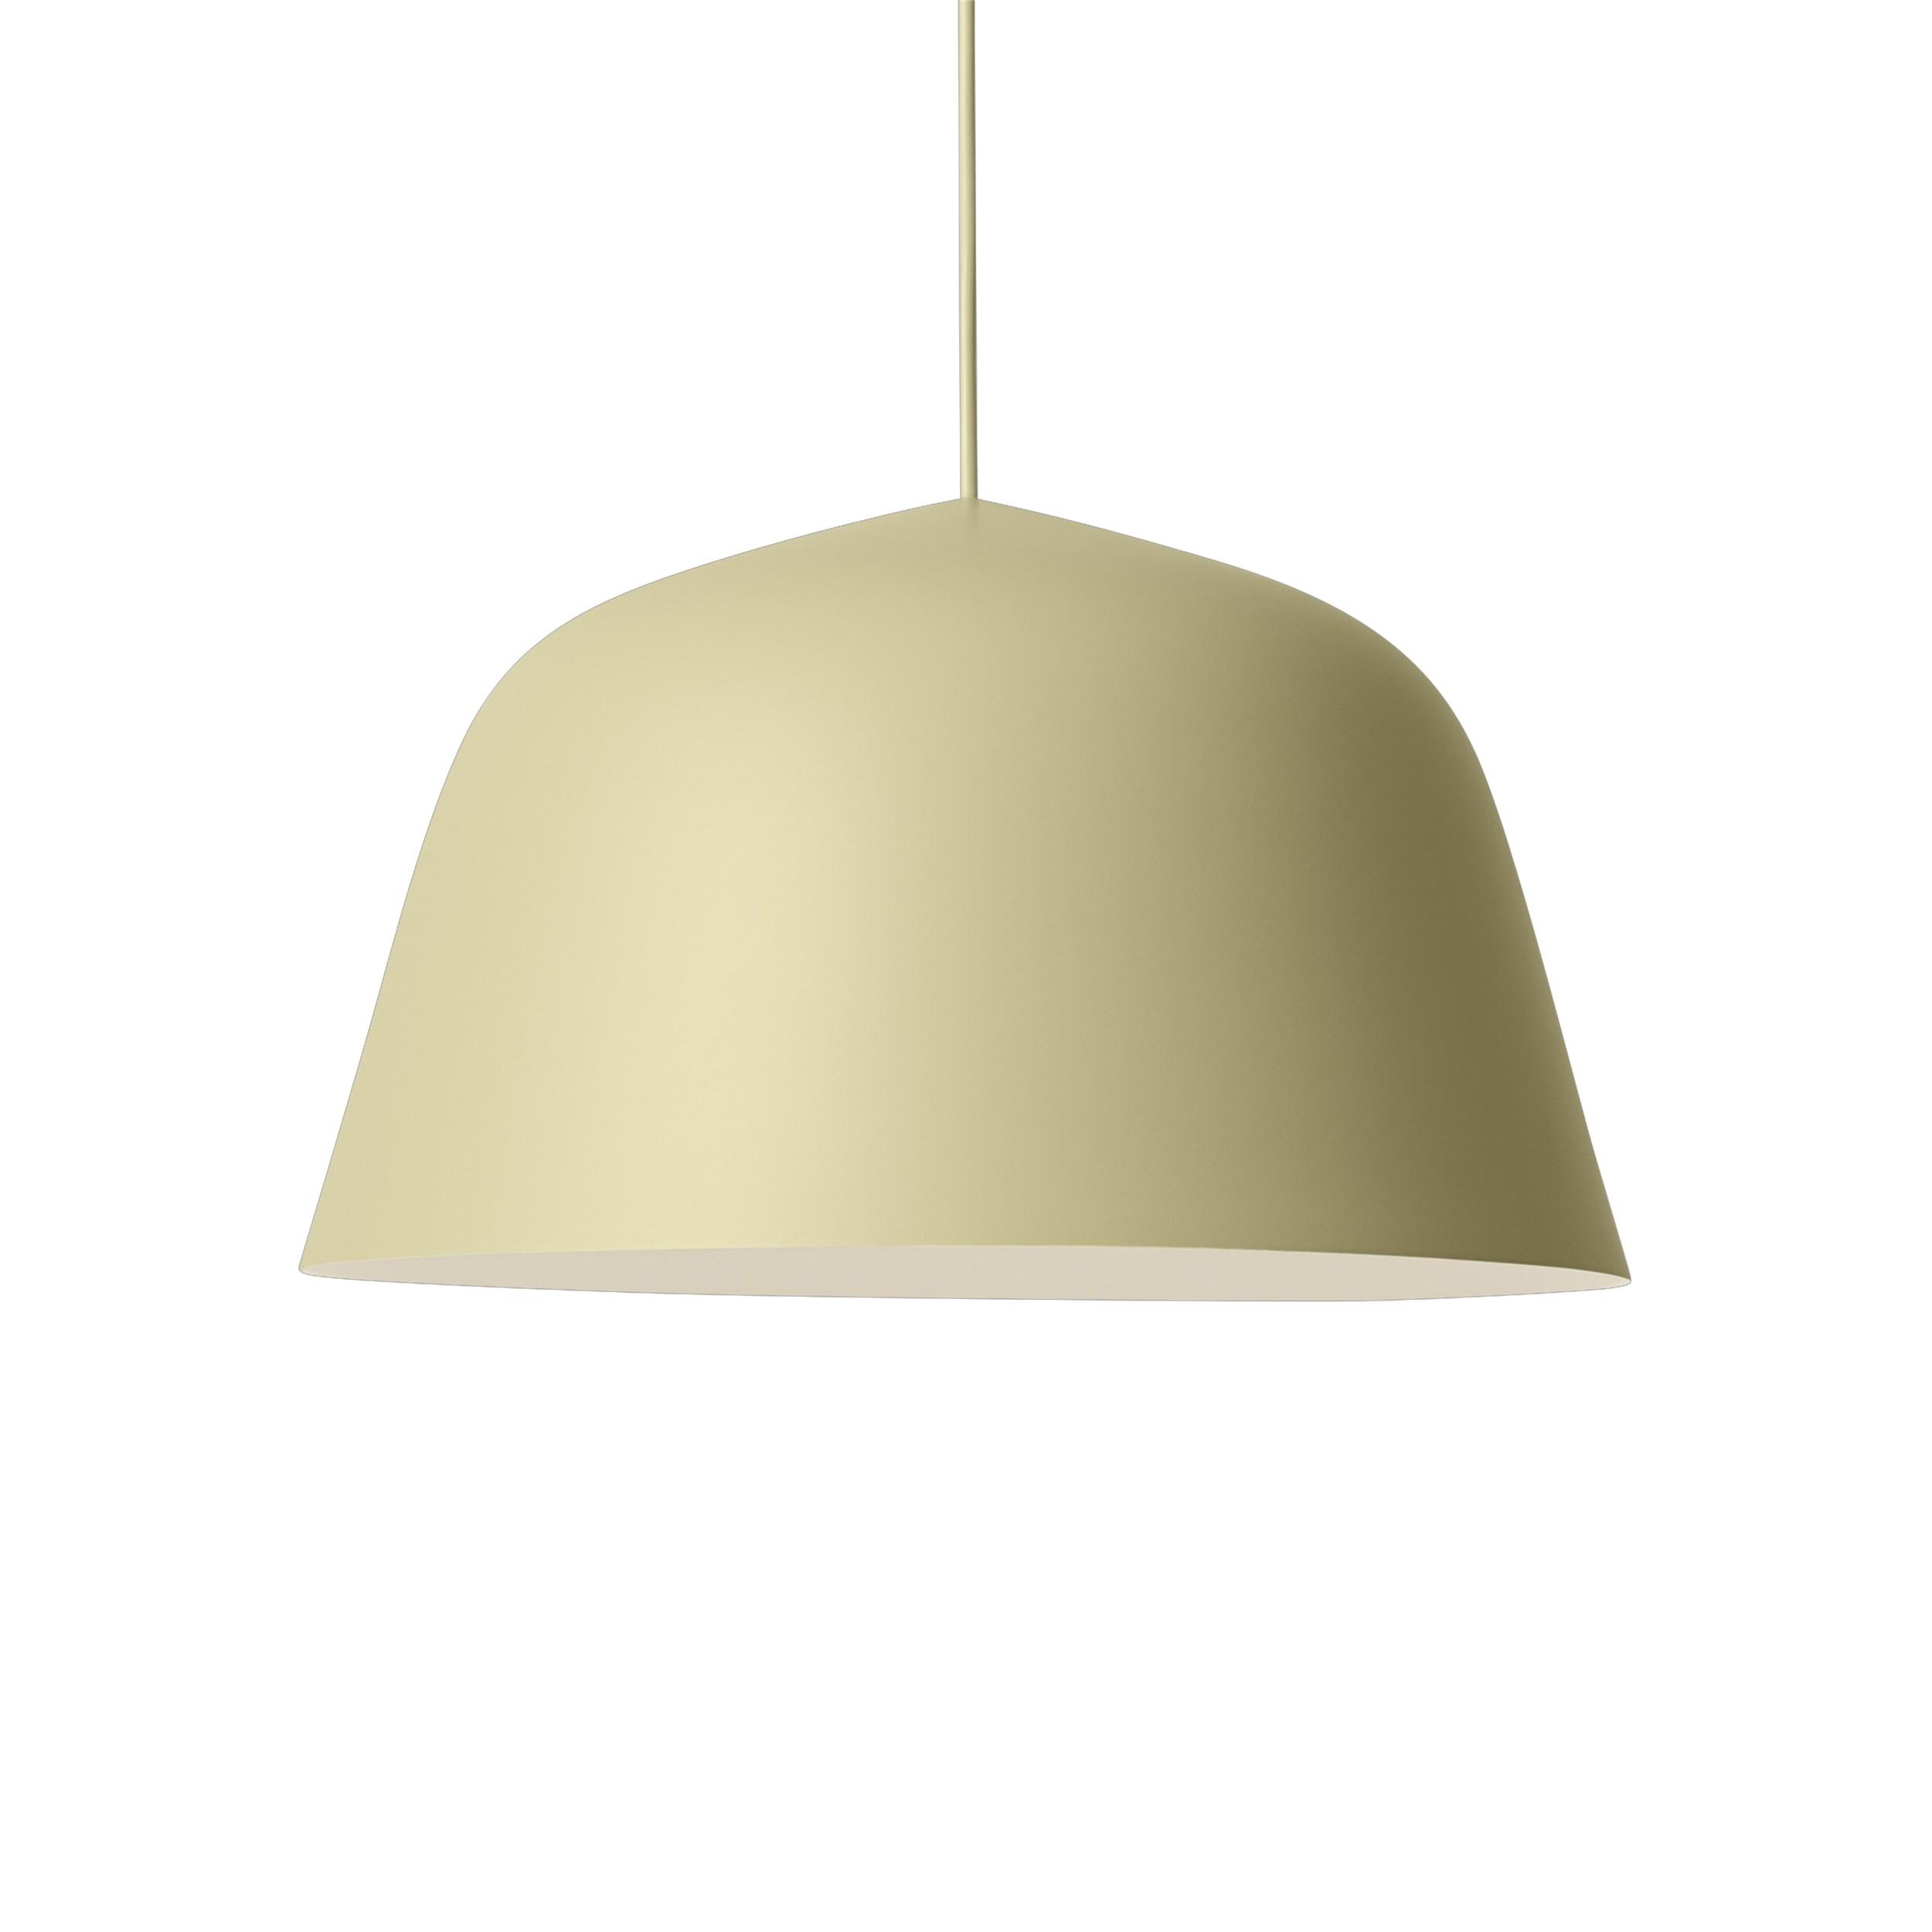 Muuto, Ambit lamp 40, Beige green